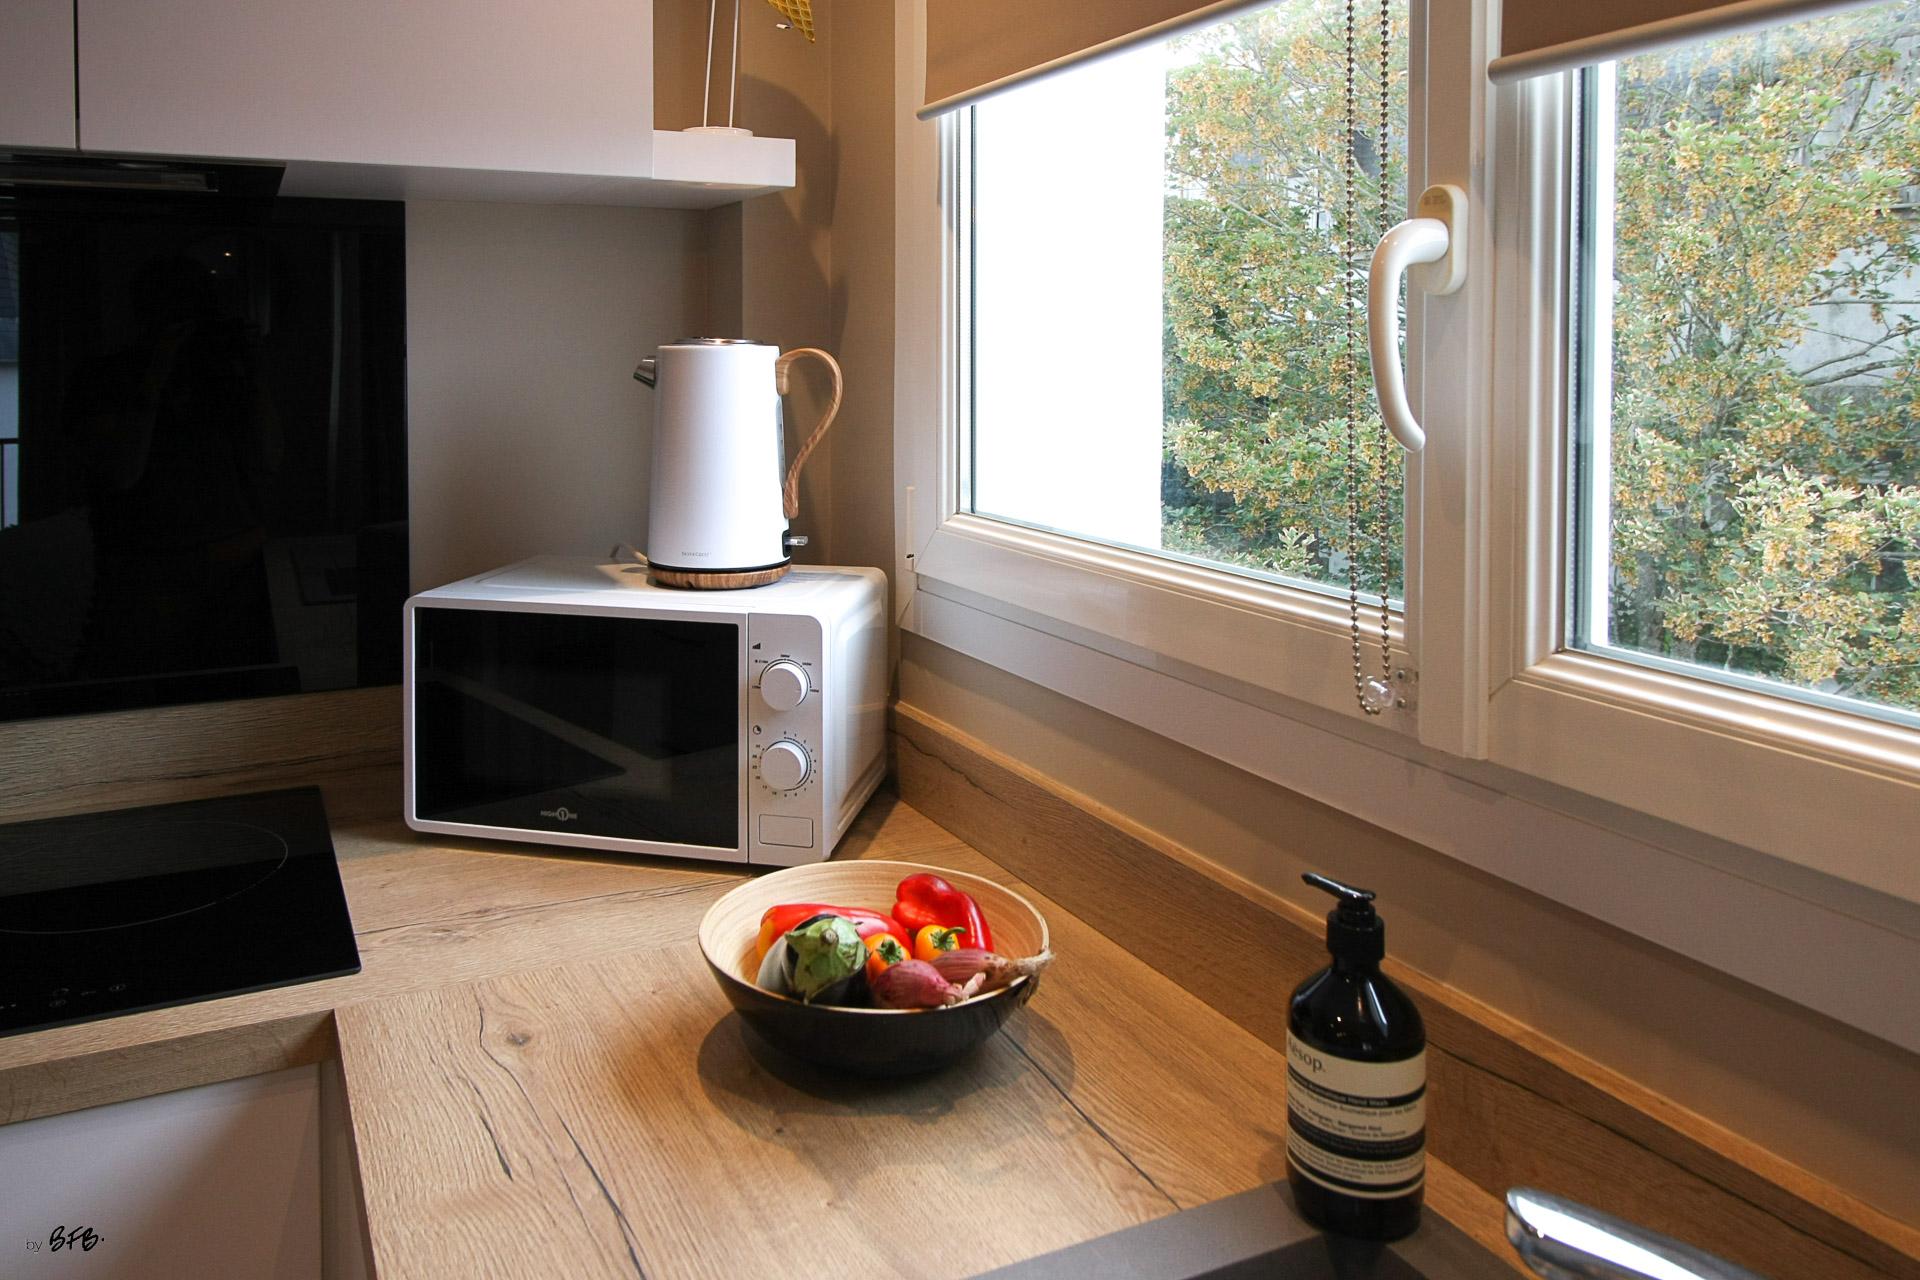 Rénovation appartement Ploemeur by Agence BFB Morbihan et Ile de Ré, la cuisine en bois chêne, coupe de légumes